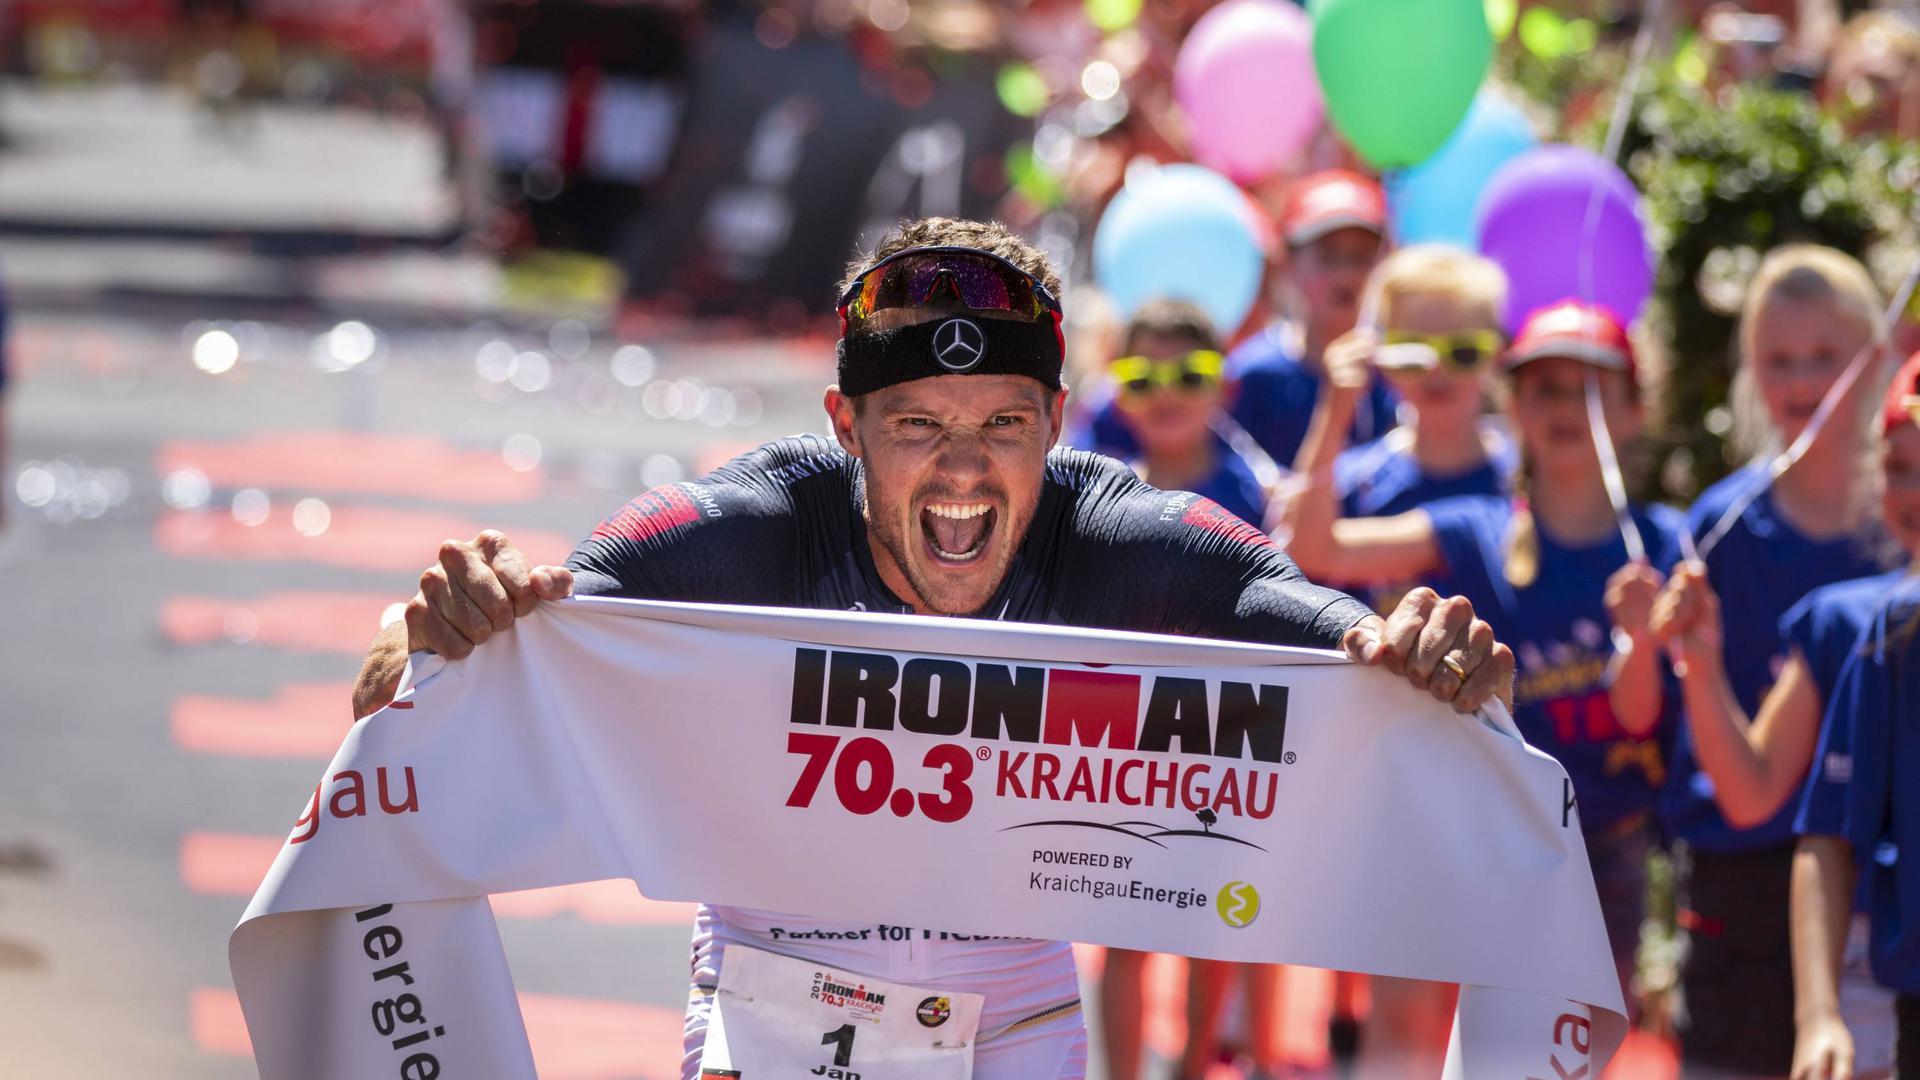 Der Sieger 2019, Jan Frodeno, beim Zieleinlauf.